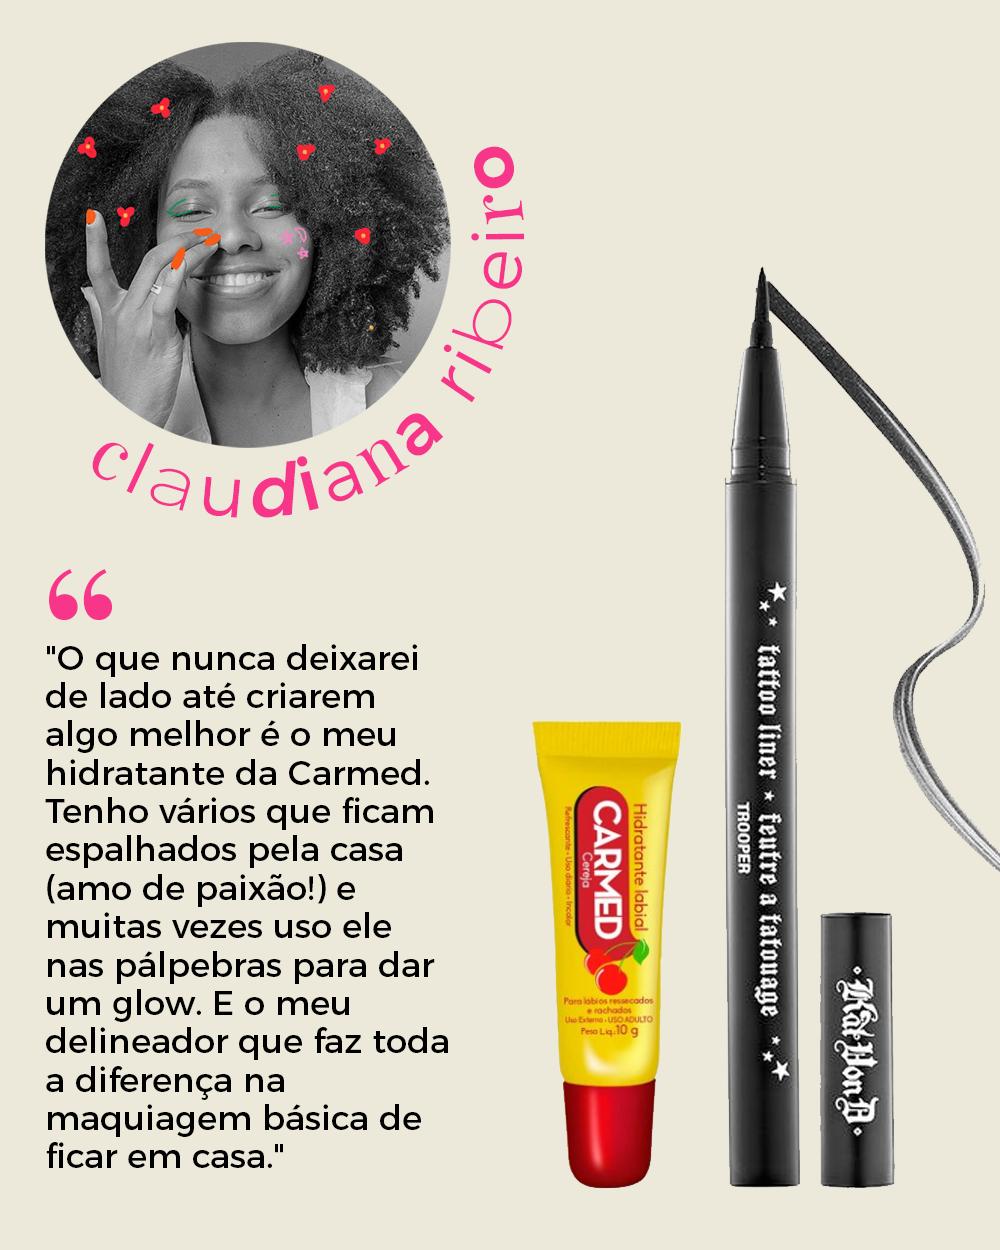 Claudiana Ribeiro - produtos de beleza -      -       -       - https://stealthelook.com.br